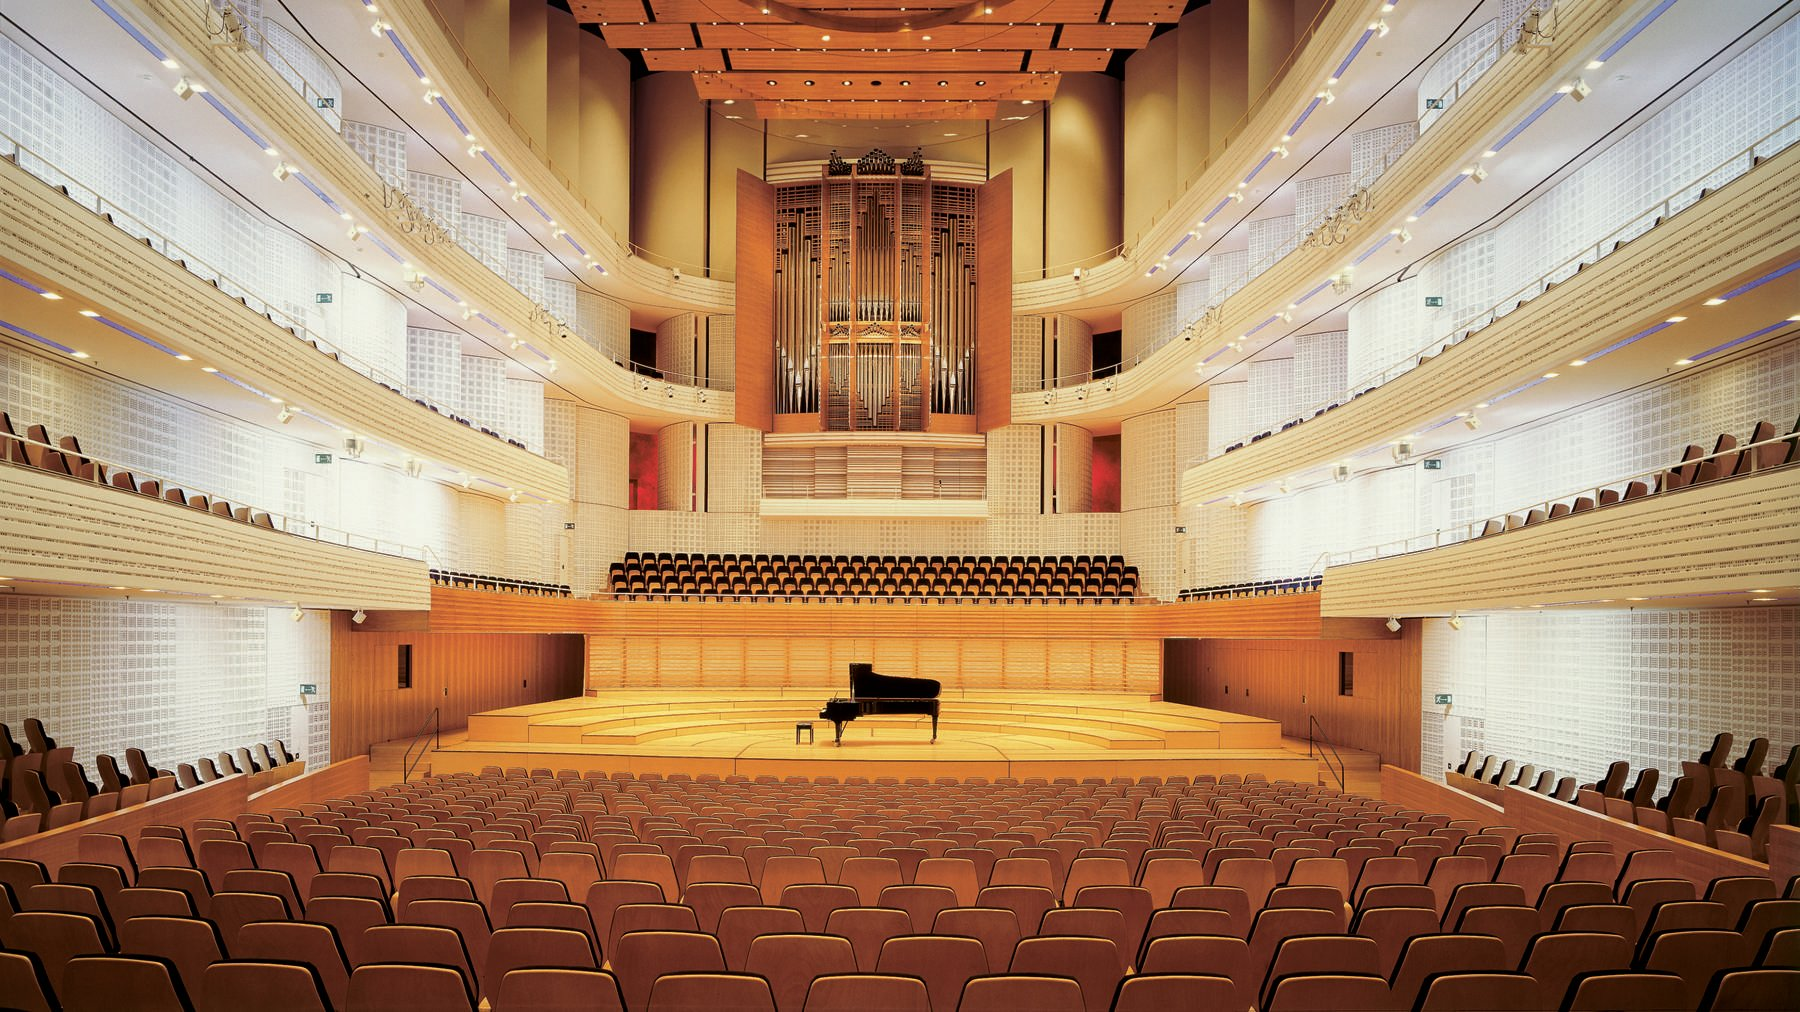 2_Konzertsaal_Buehne_Fluegel